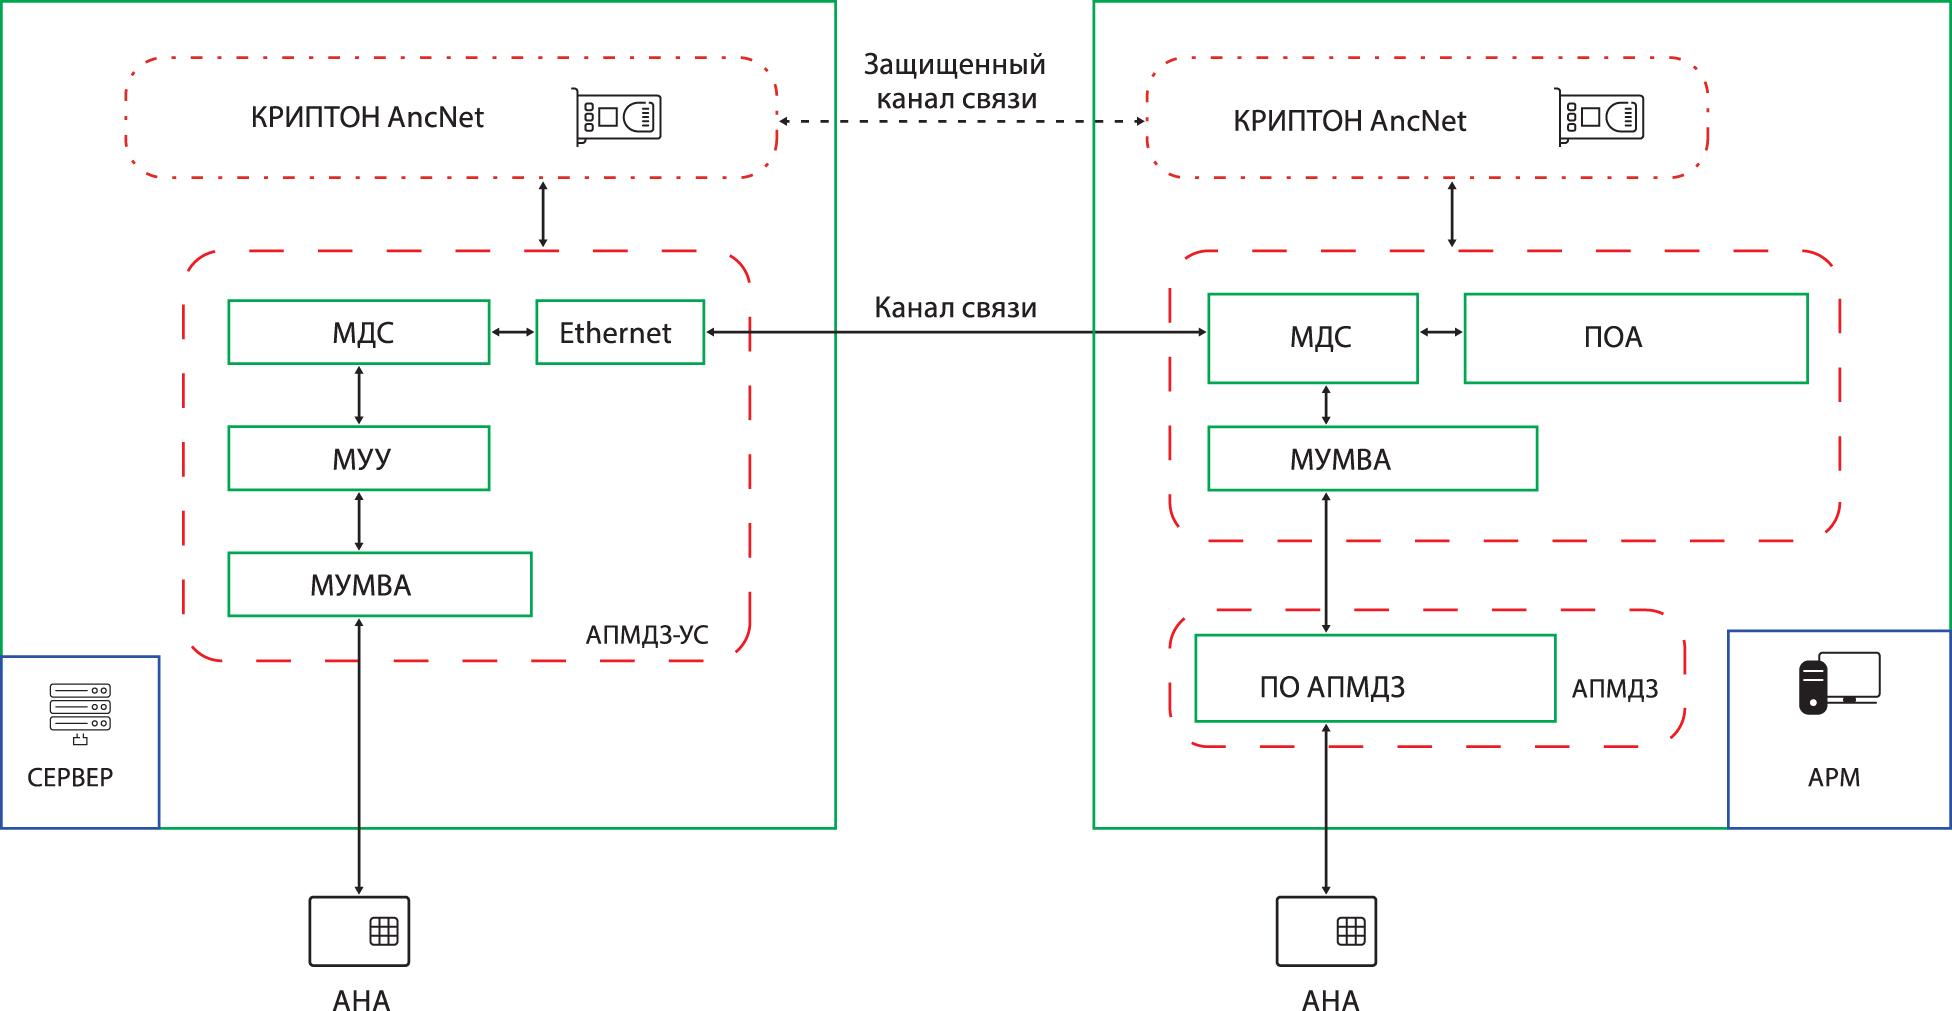 Схема системы удаленного управления сервером